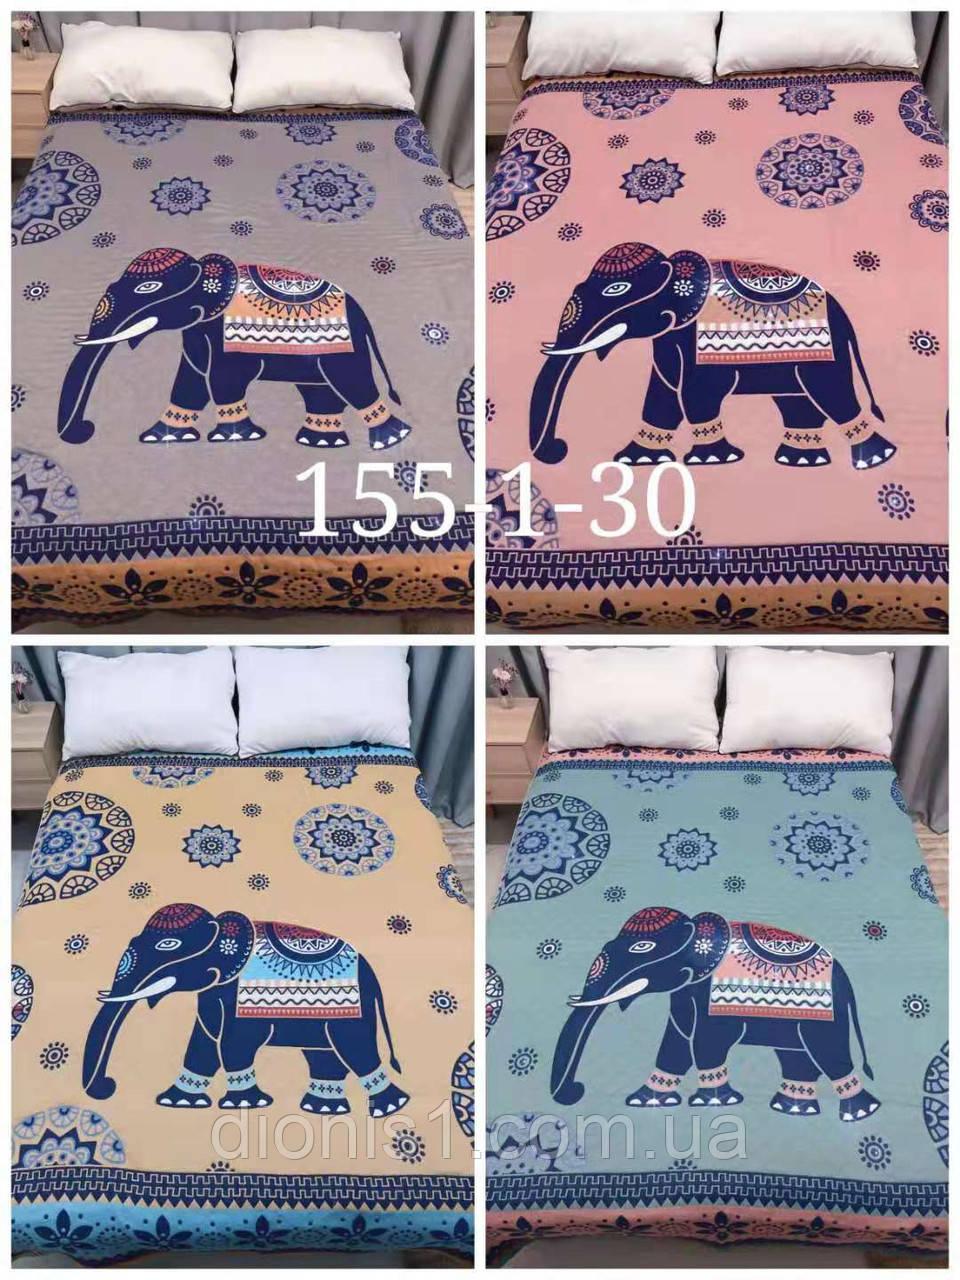 Простирадло Слони/Коні 160х210 льон. 100 % бавовна